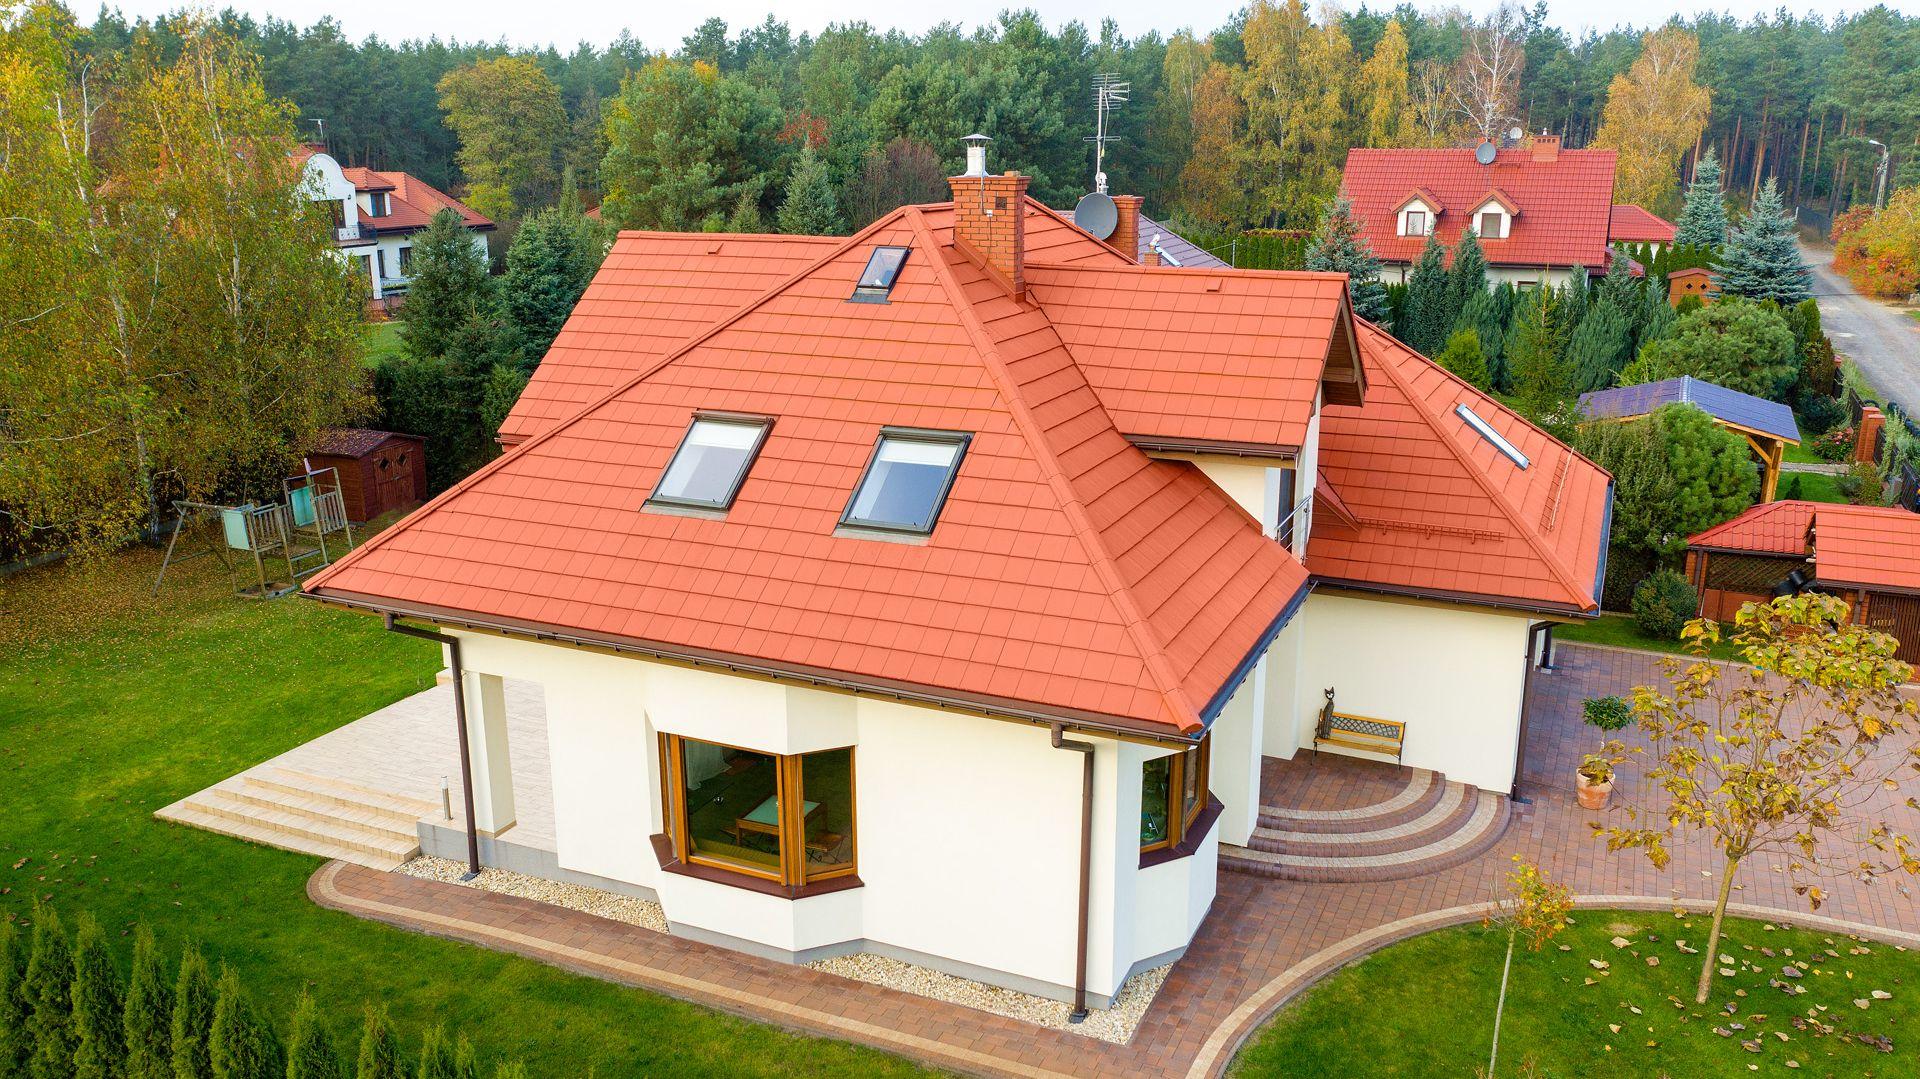 Dachówki pulpitowe skutecznie i trwale, w przeciwieństwie do obróbek blacharskich, chronią dach przed wnikaniem pod połać deszczu i zanieczyszczeń. Na zdjęciu: dachówka Kapstadt w czerwonym kolorze. Fot. Creaton